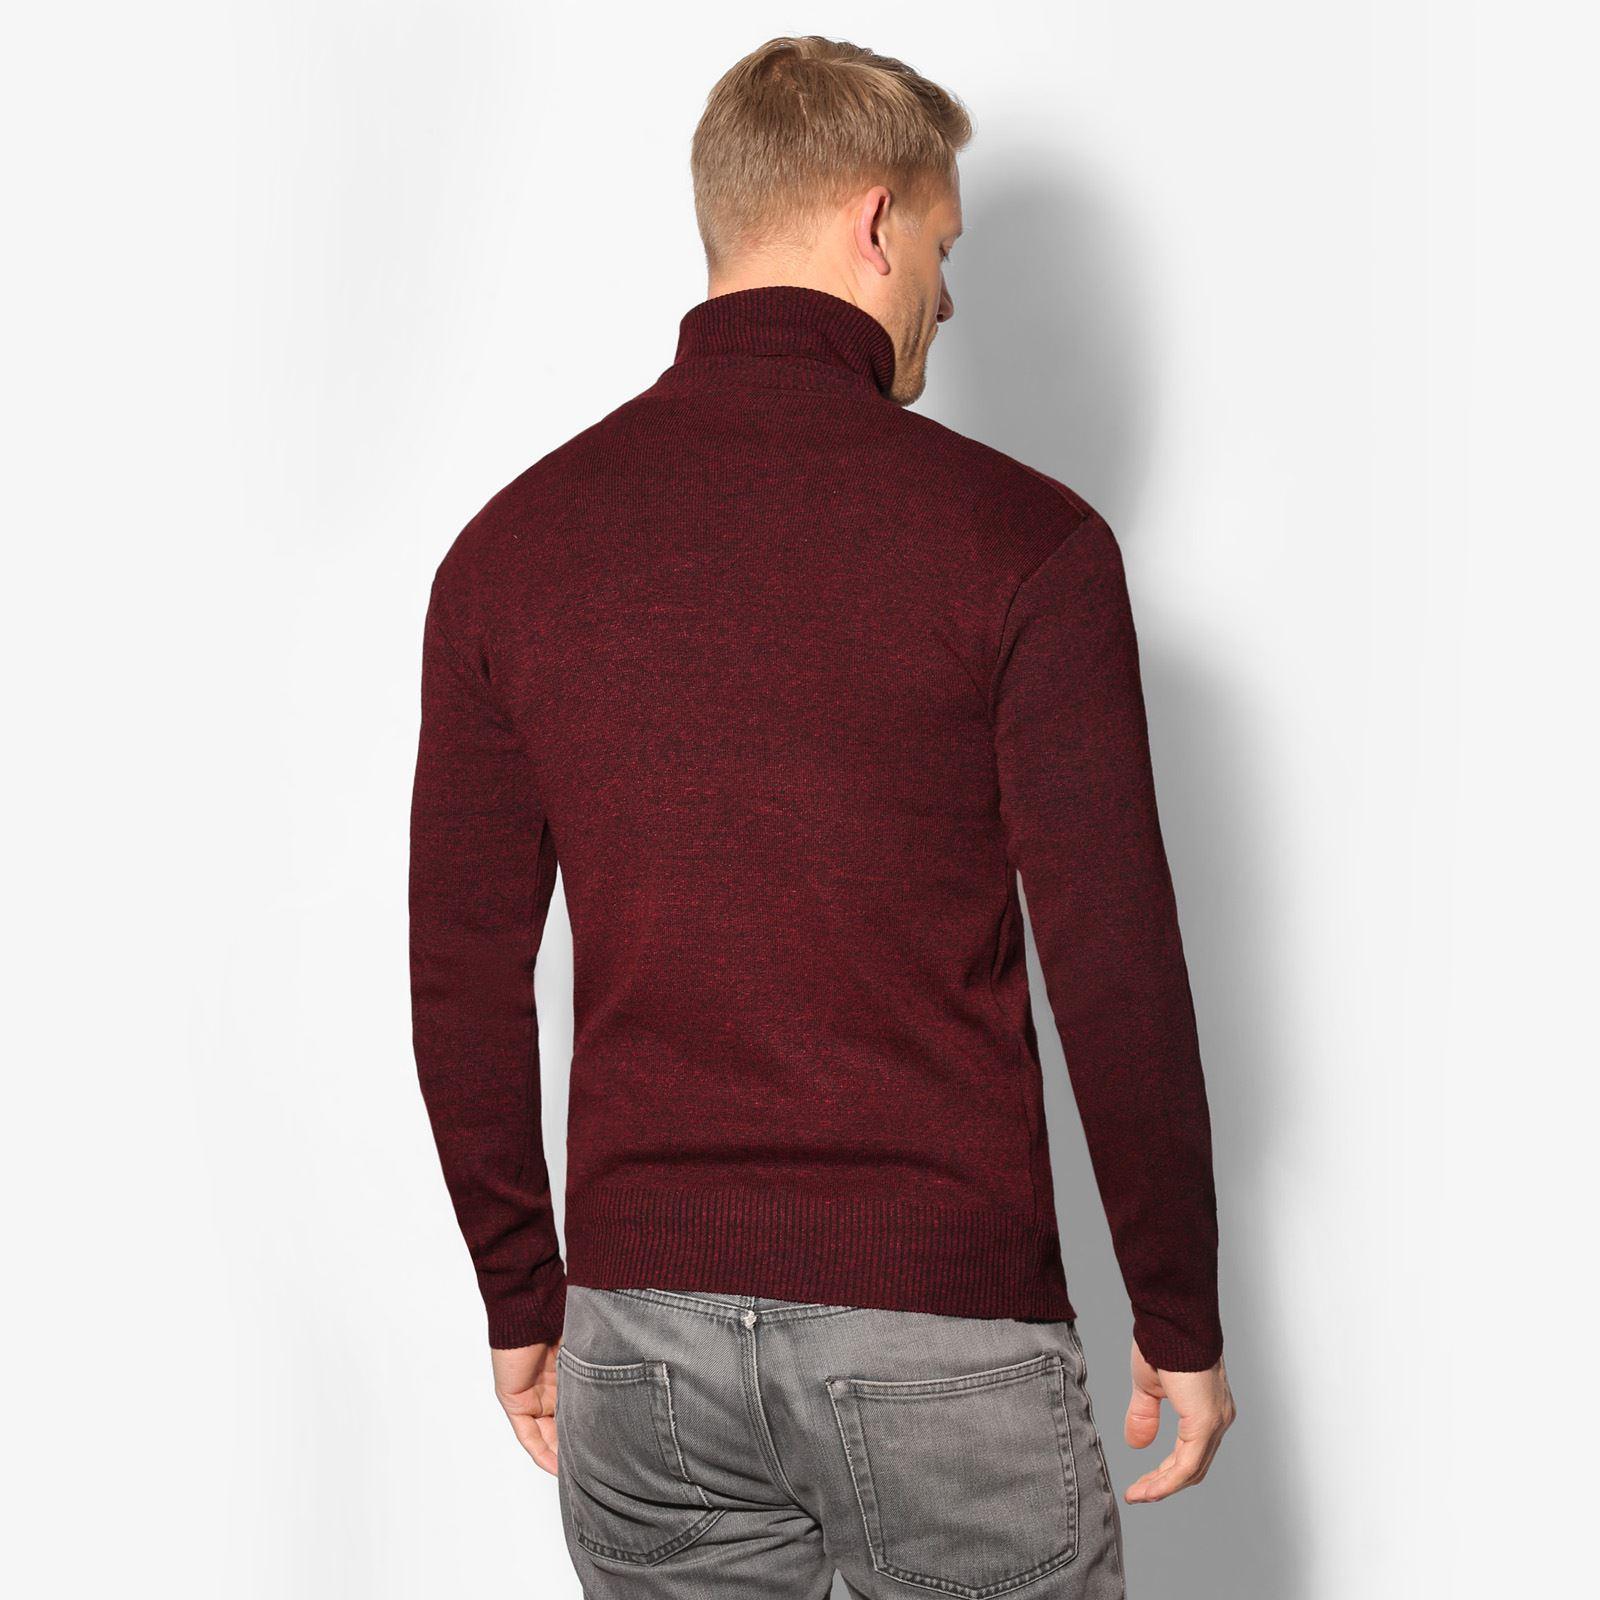 Jersey-Hombre-Lana-Caliente-Barato-Cuello-Vuelto-Alto-Talla-Grande-Frio-Invierno miniatura 7